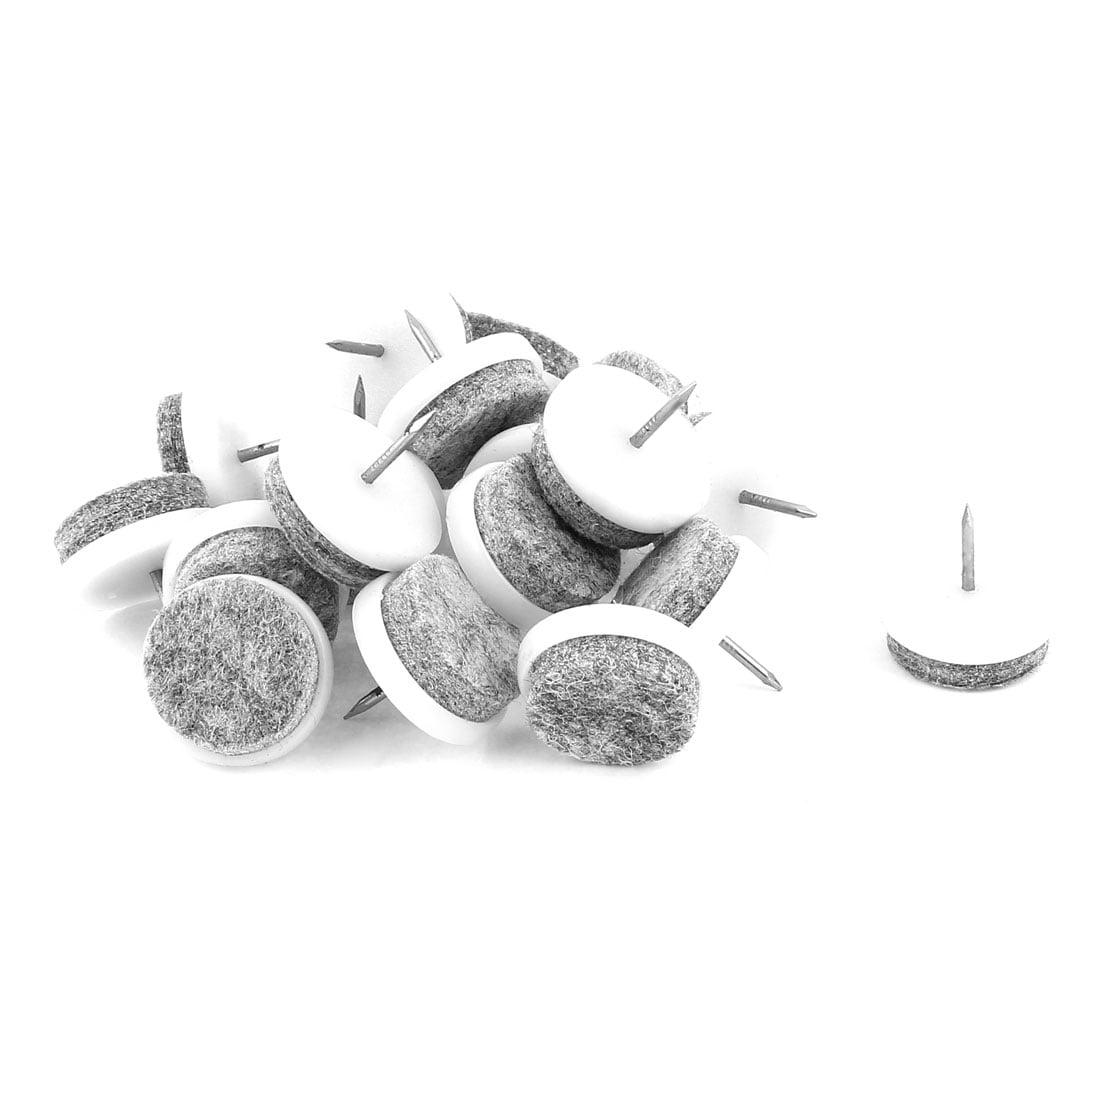 De Chaise recouverte de feutre d'Glide Ongle DIY Lot de 20 à 24 mm de diamètre - image 2 de 2